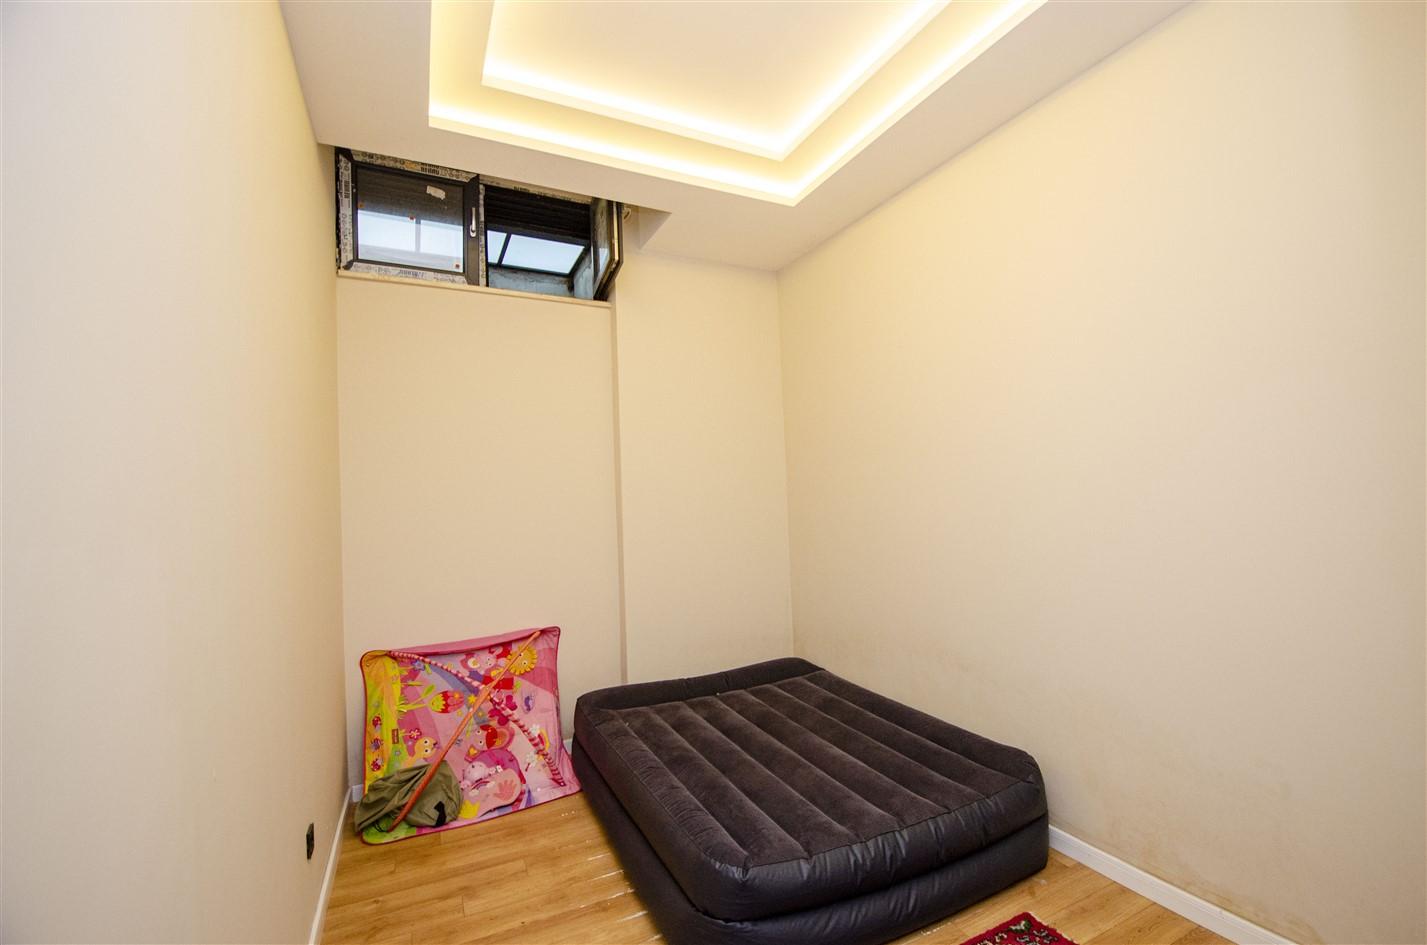 Просторная квартира в центре города Анталии - Фото 28